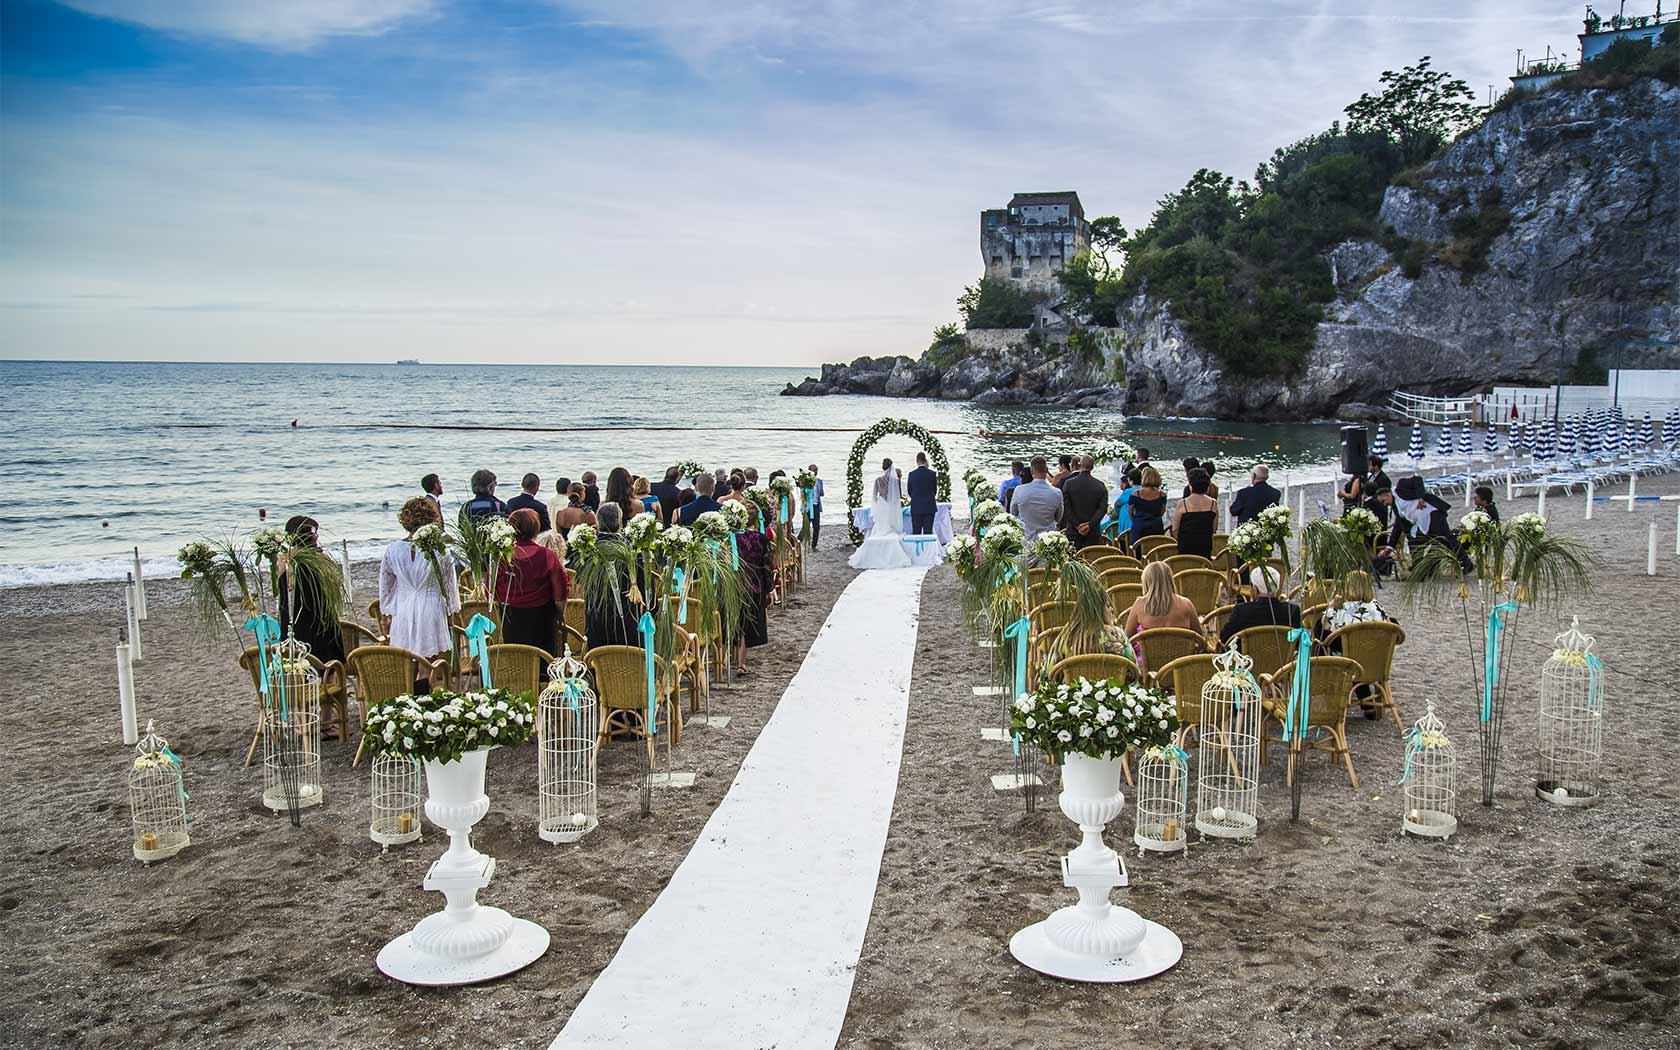 Matrimonio Spiaggia Circeo : Matrimoni costiera amalfitana cerimonia di nozze sul mare